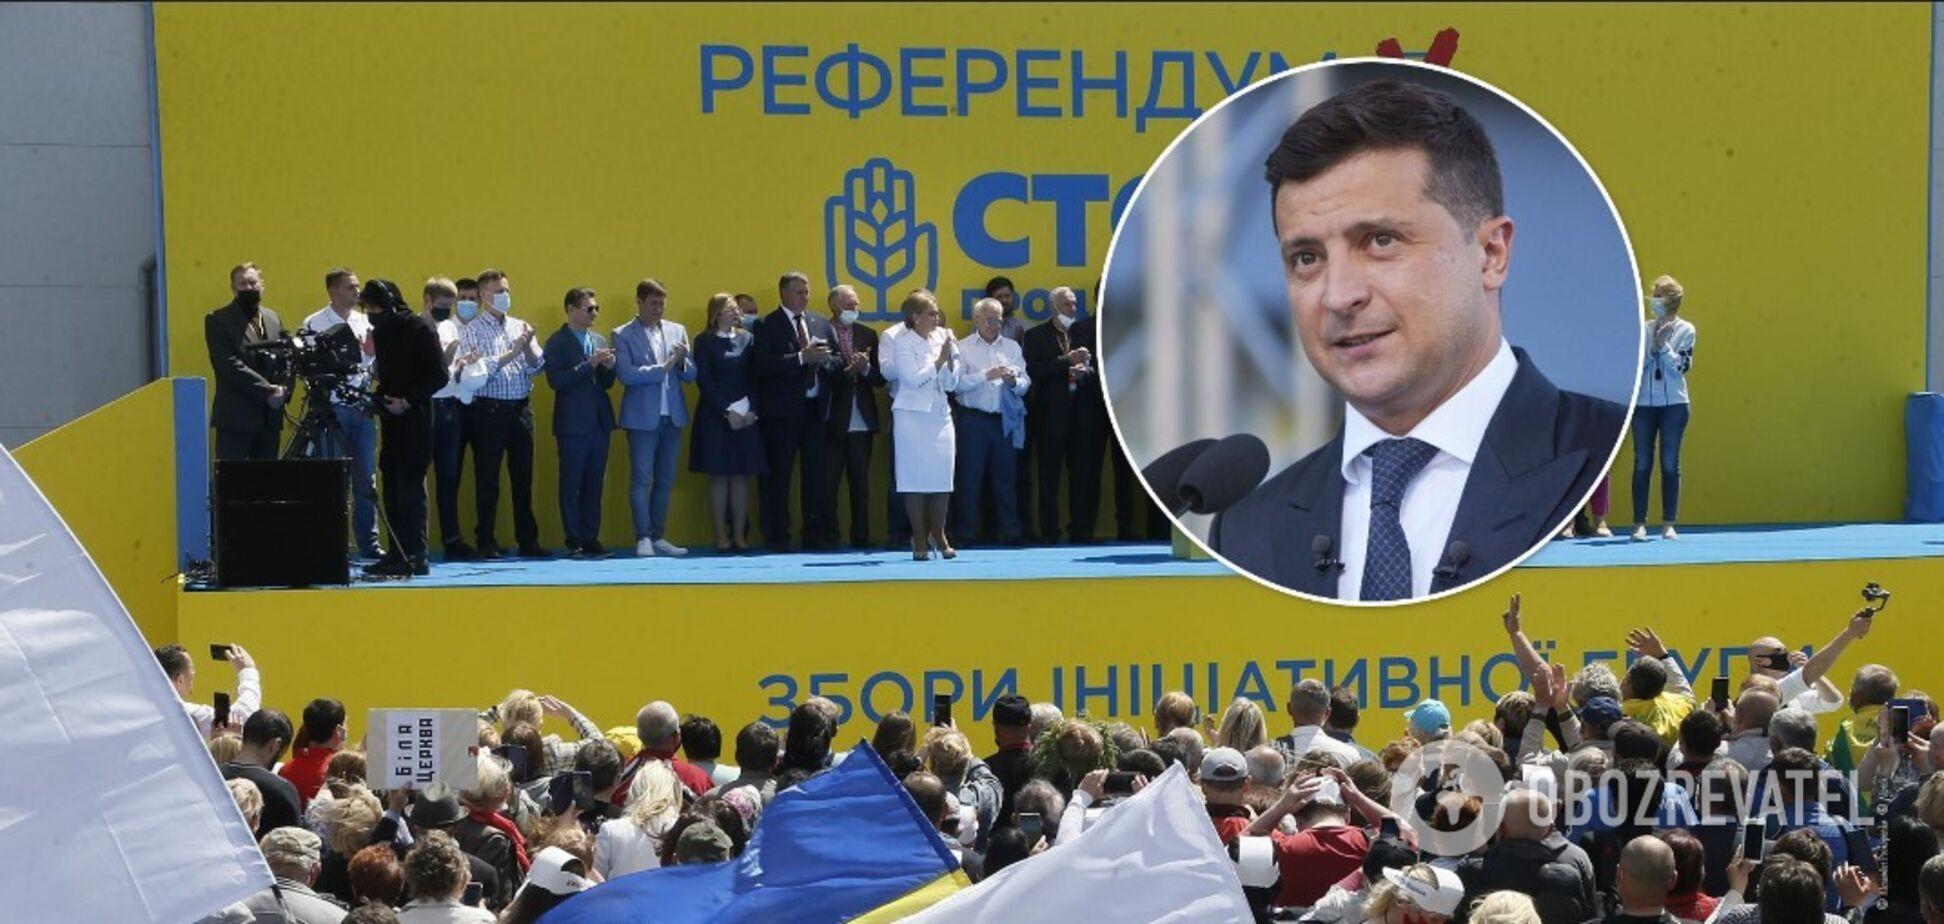 Експерт вважає референдум Тимошенко екзаменом для Зеленського